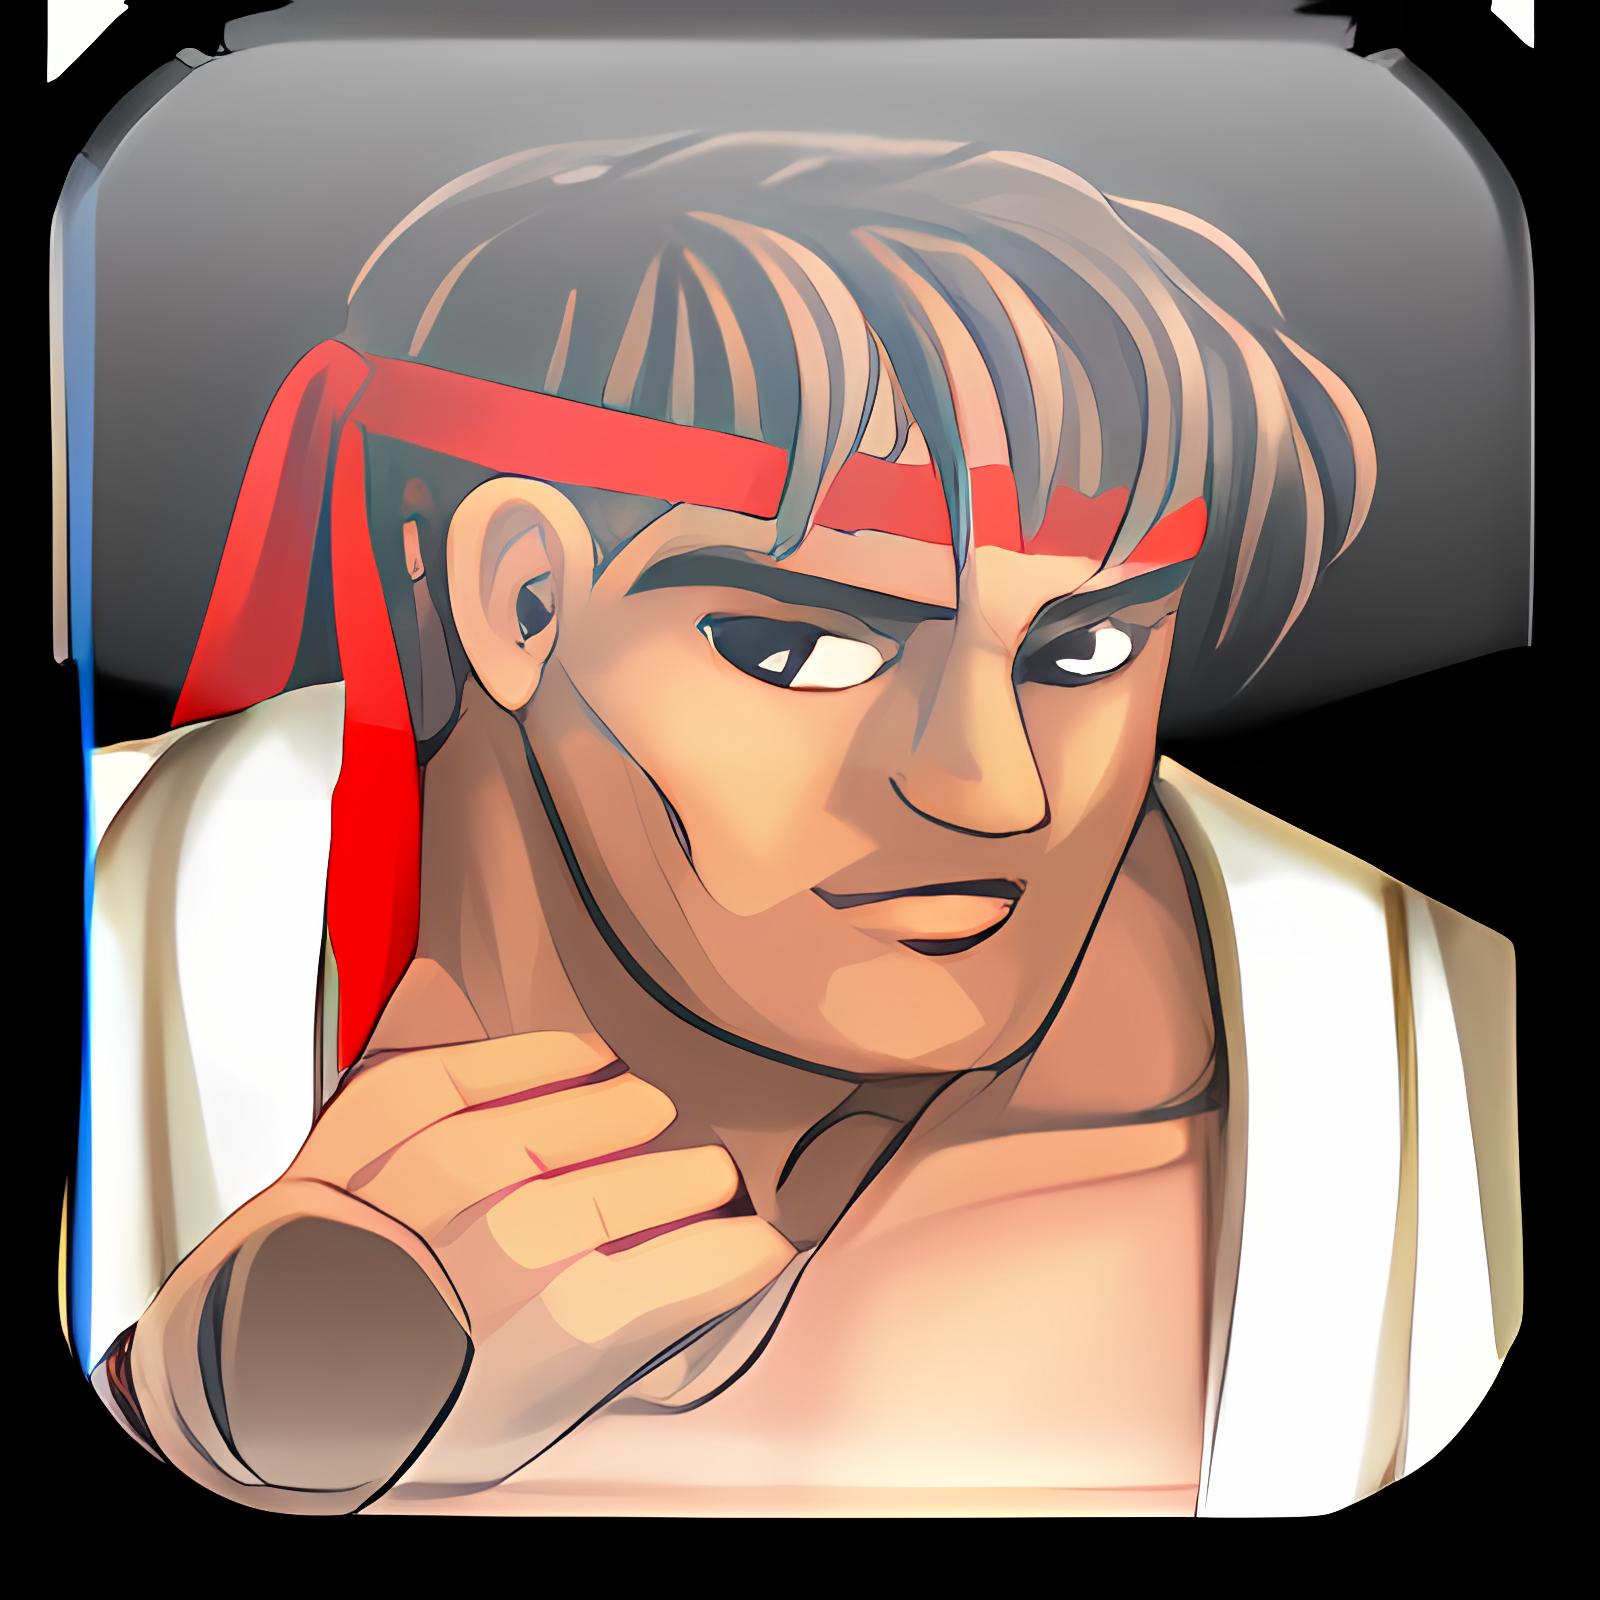 Street Fighter 2 Remake